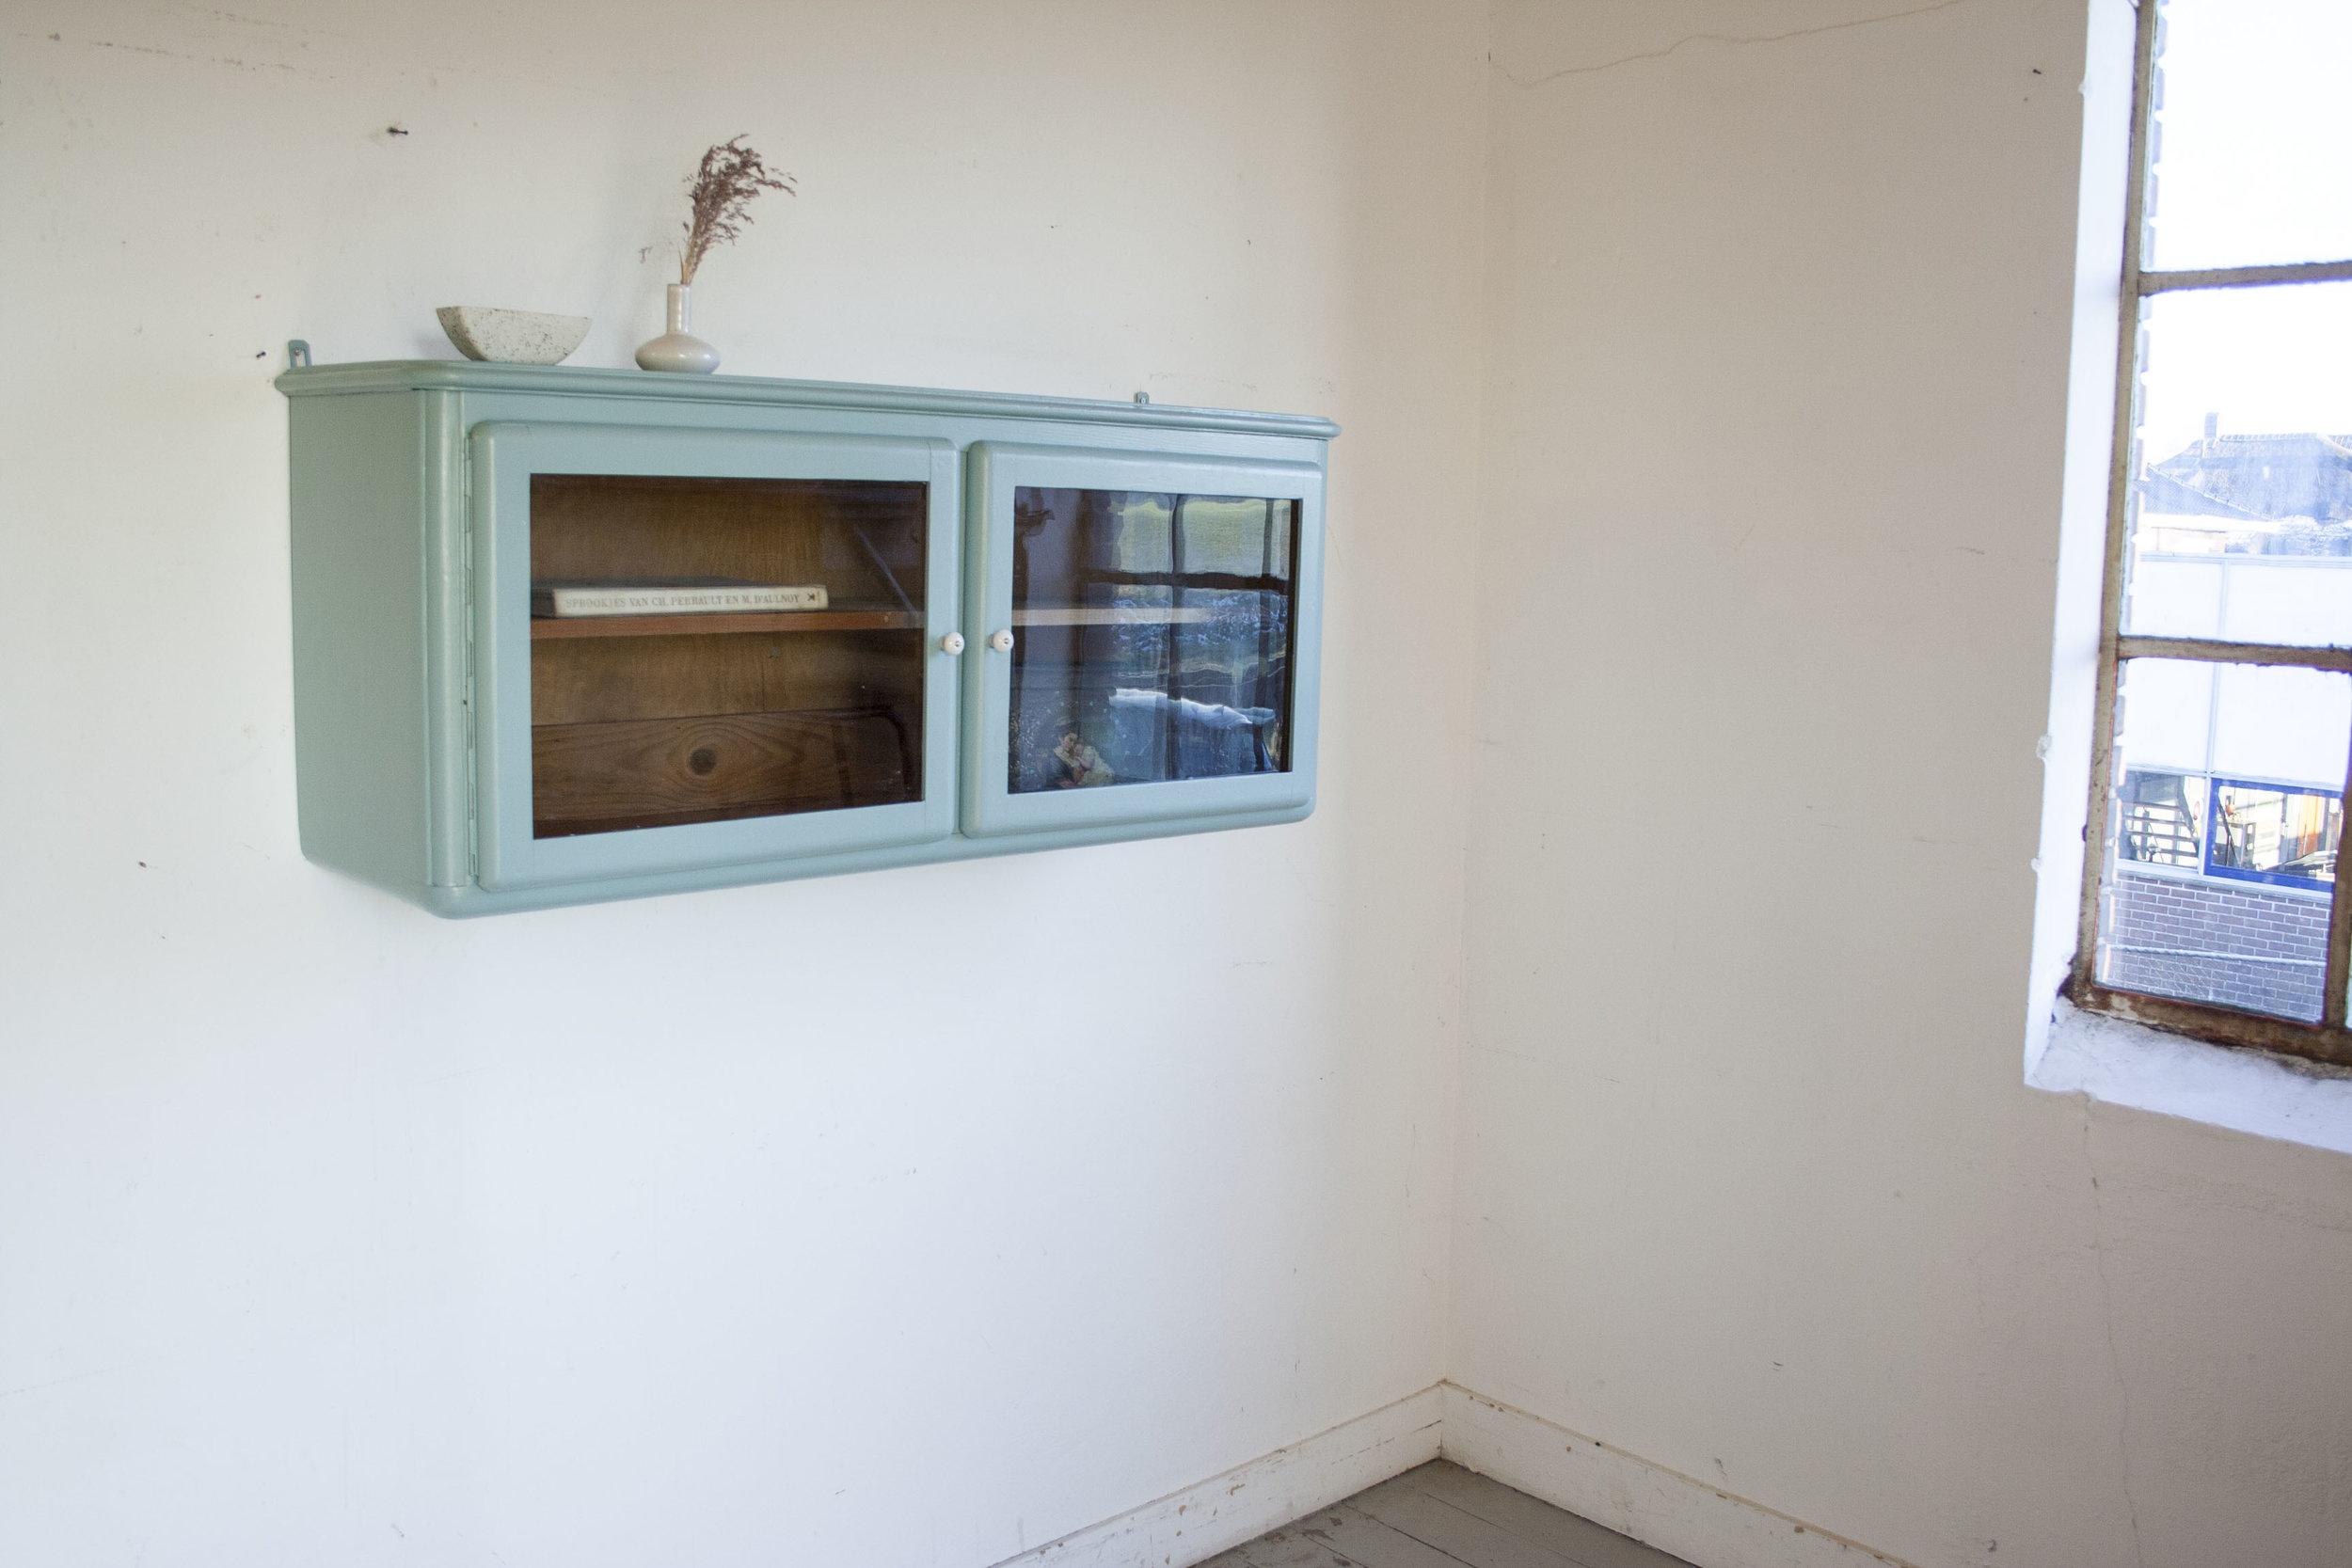 Blauwgroen hangkastje.jpg